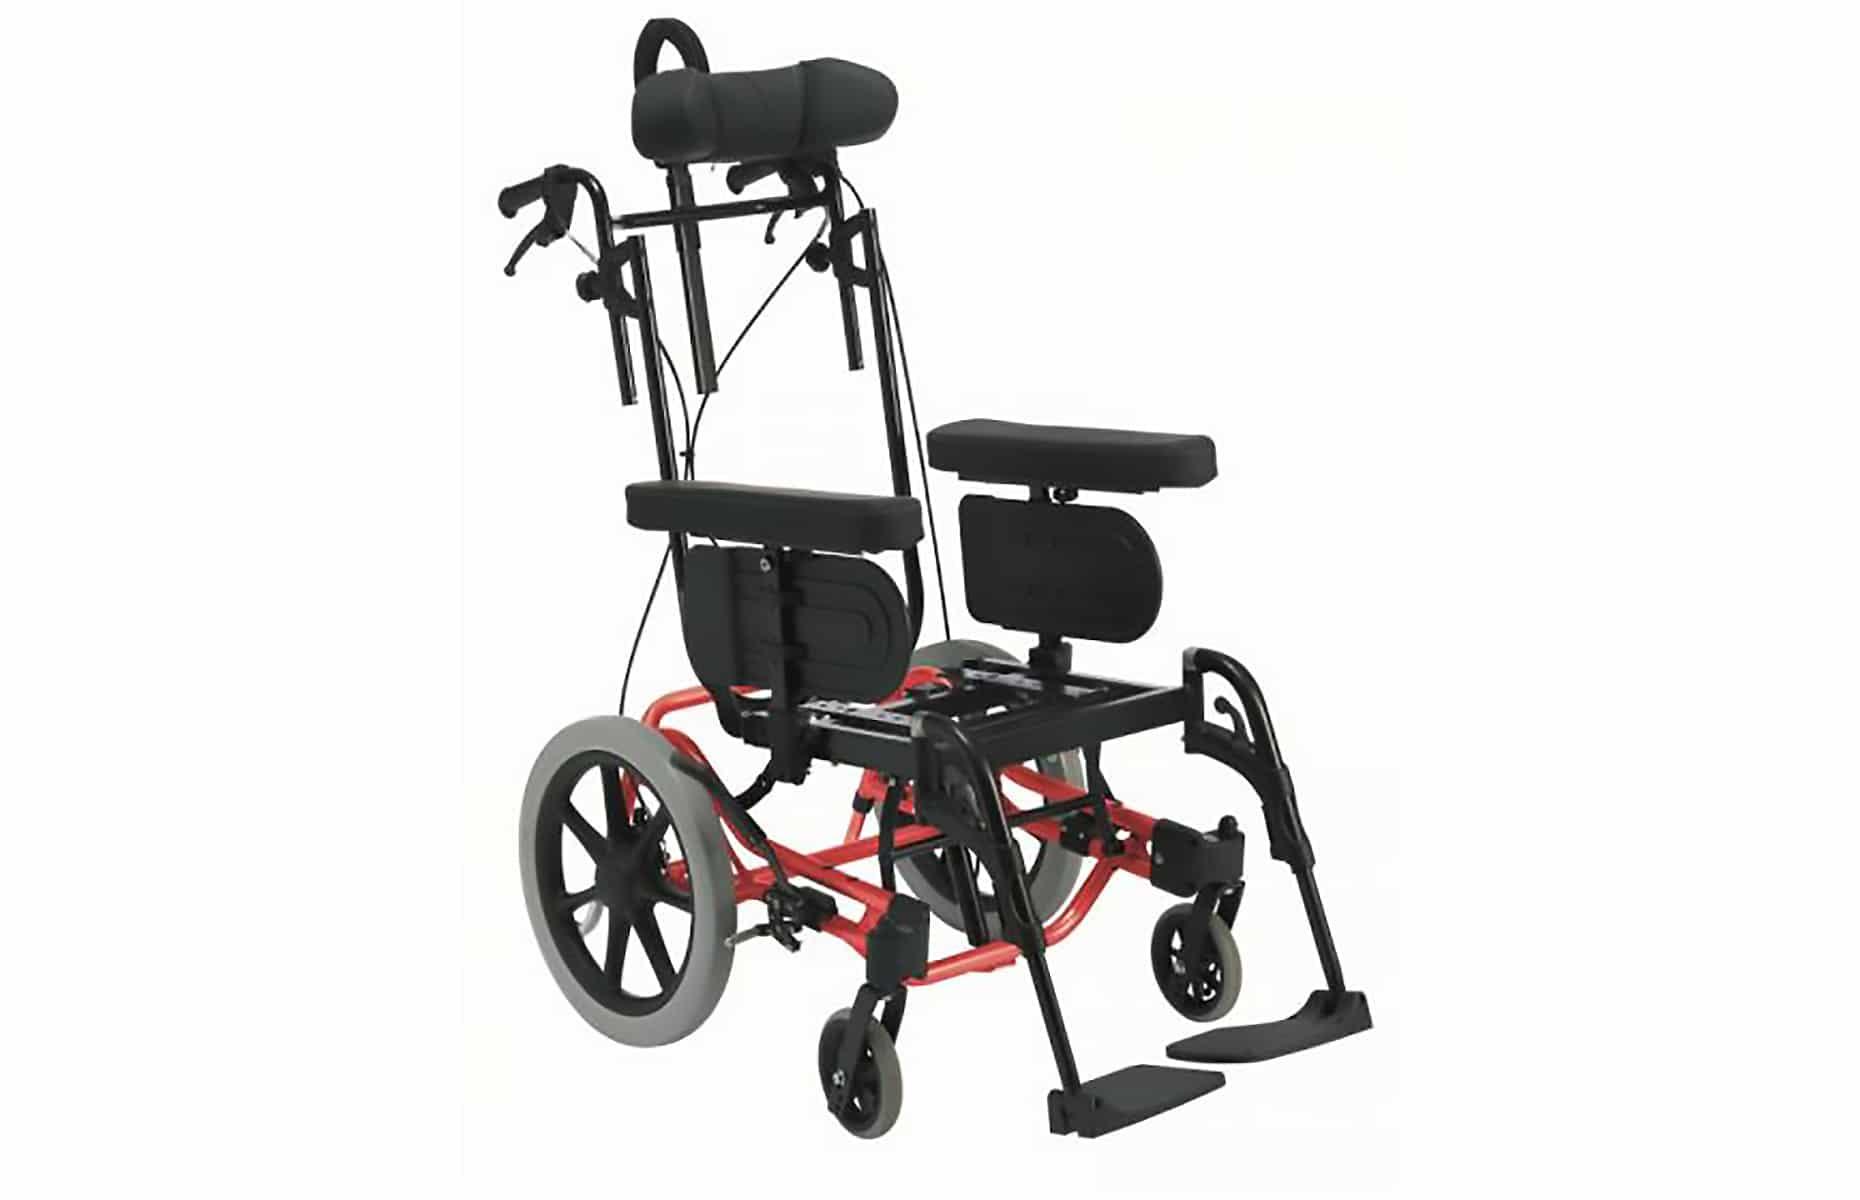 Chassi de cadeira de rodas manual vermelha